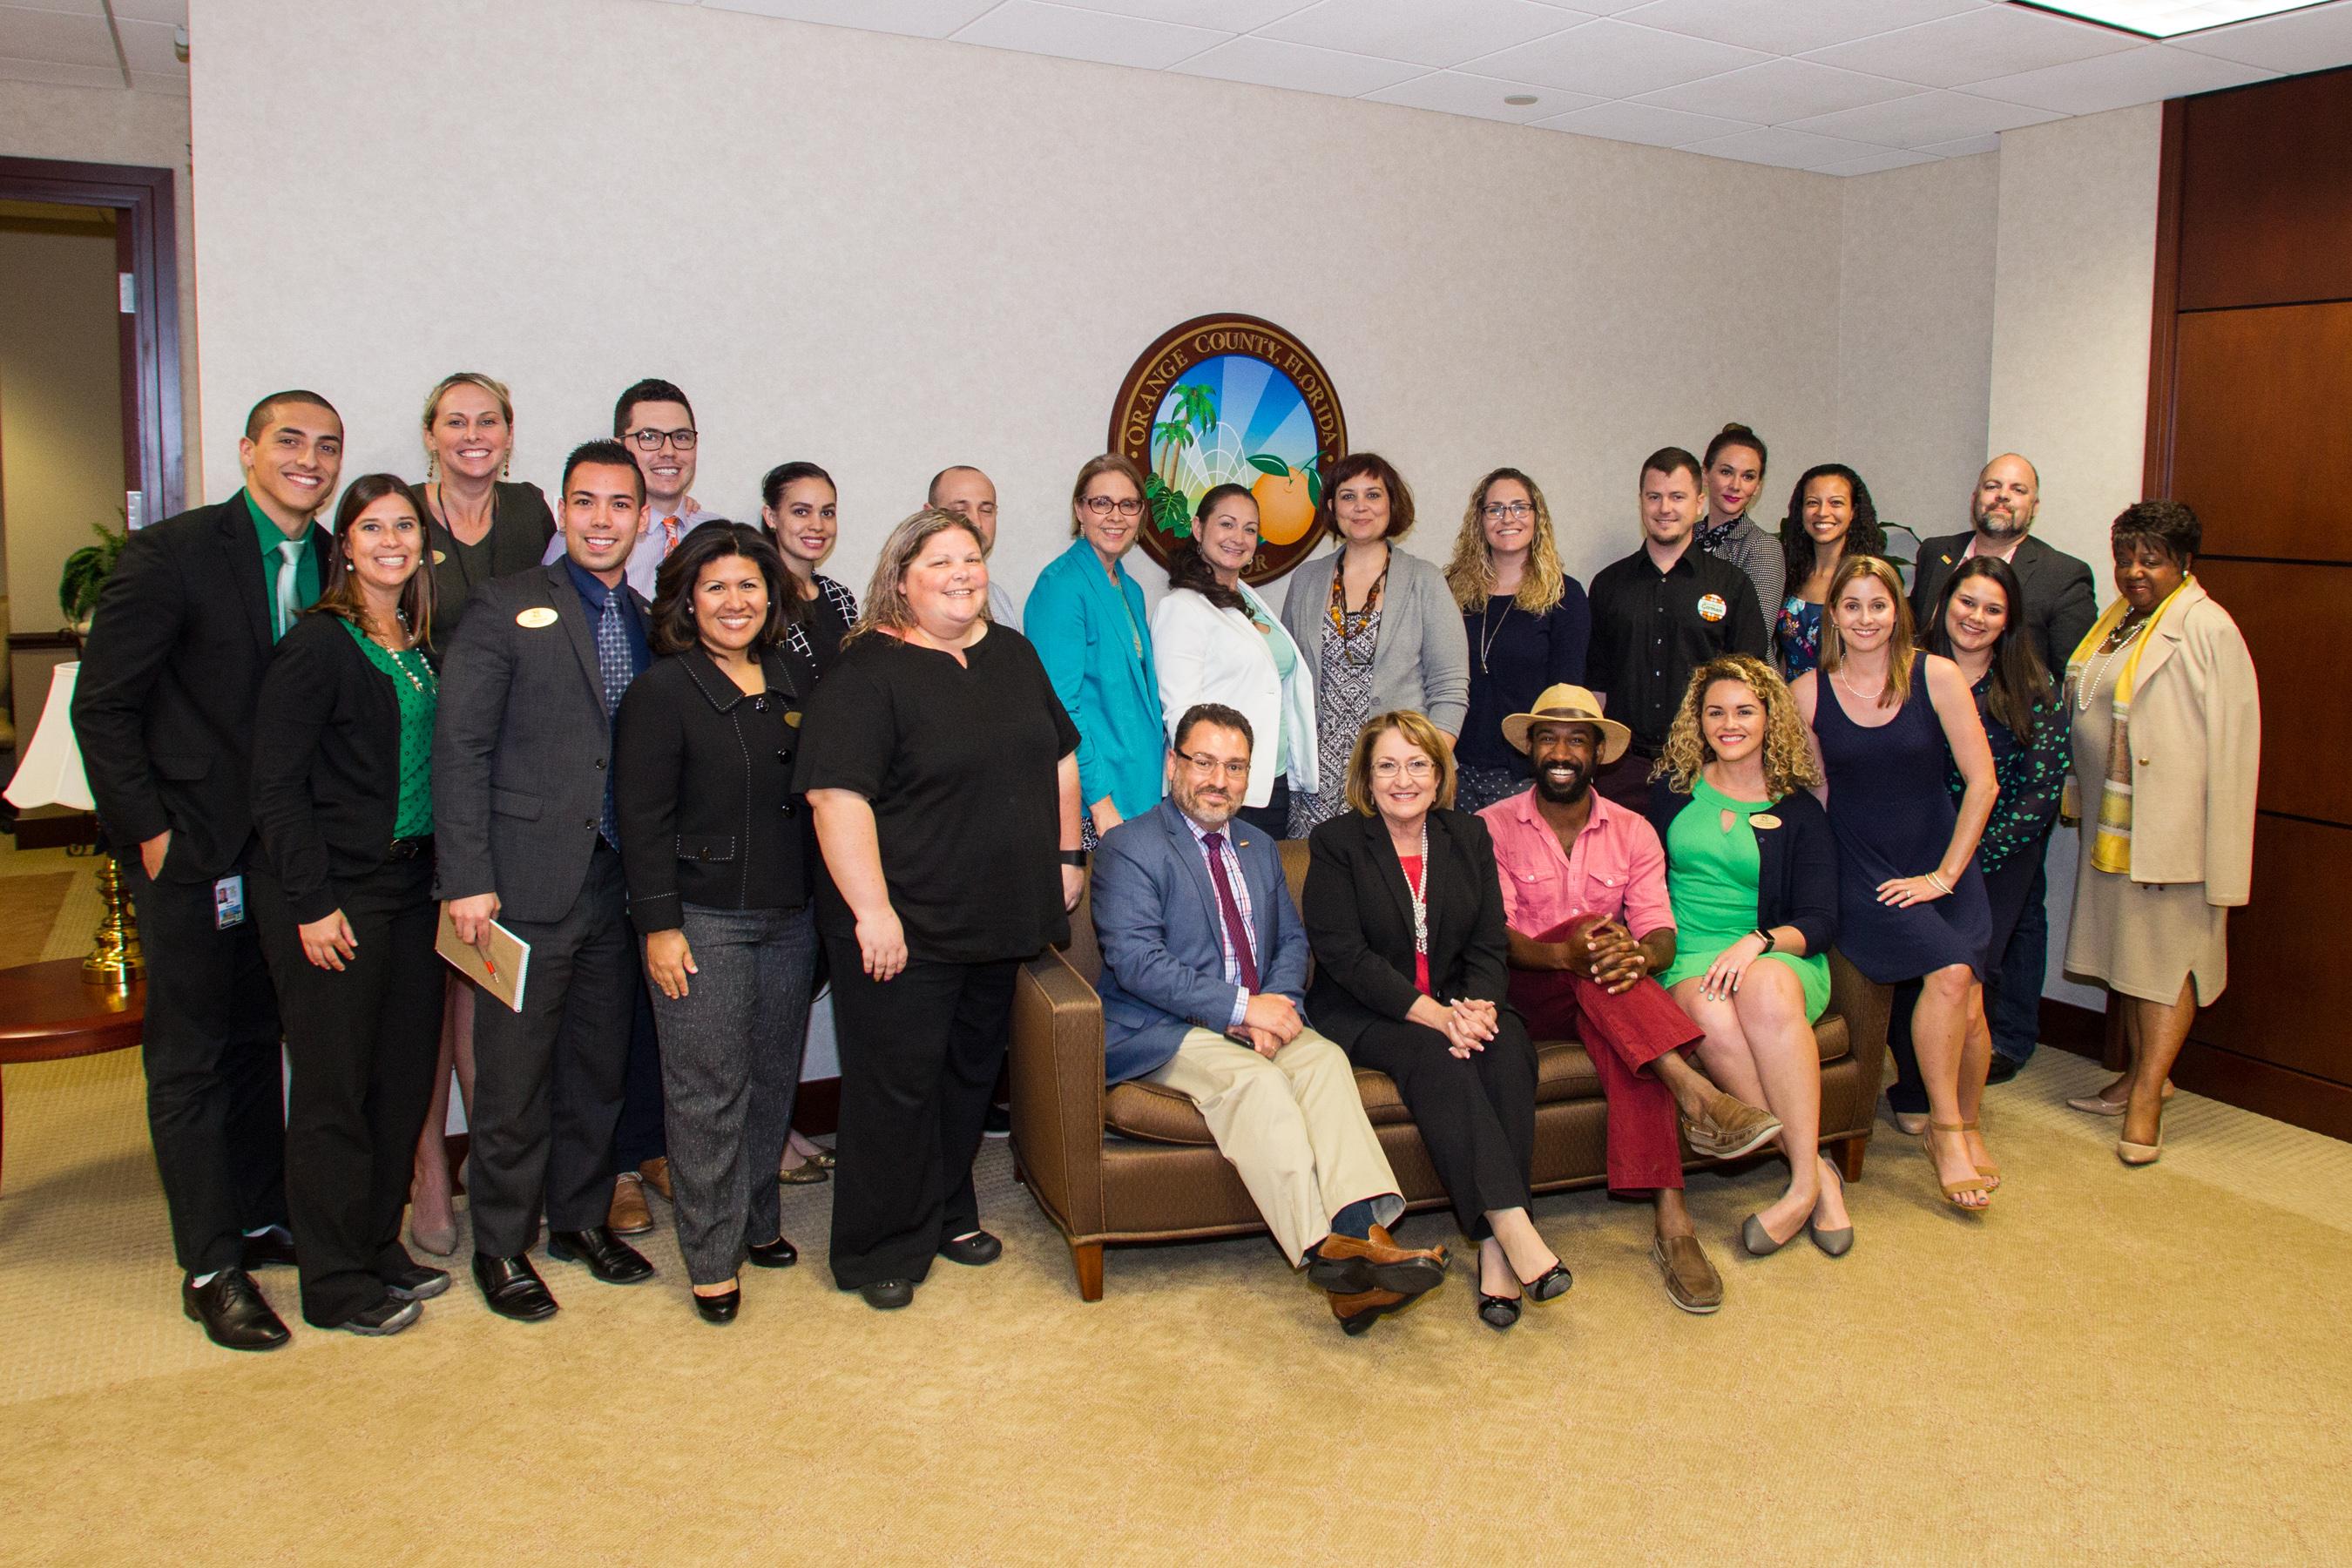 Condado De Orange Amplía El Grupo Trabajo Medios Sociales Y Tecnología Lanza Su Página En Instagram